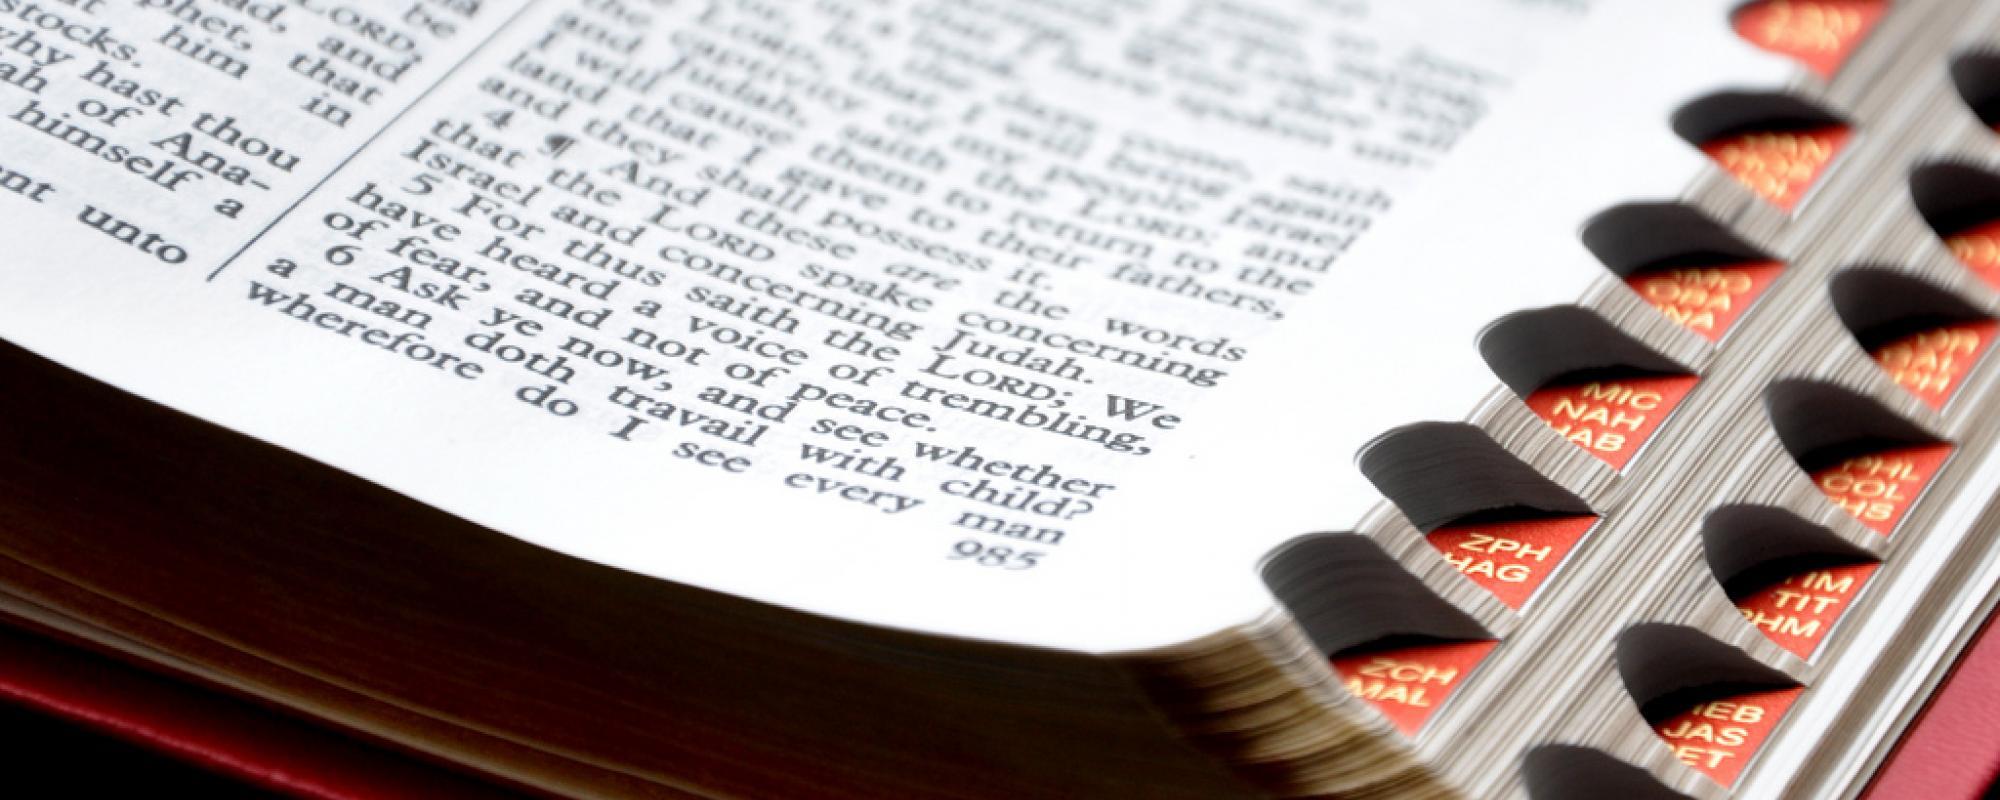 close up image a bible scriptures